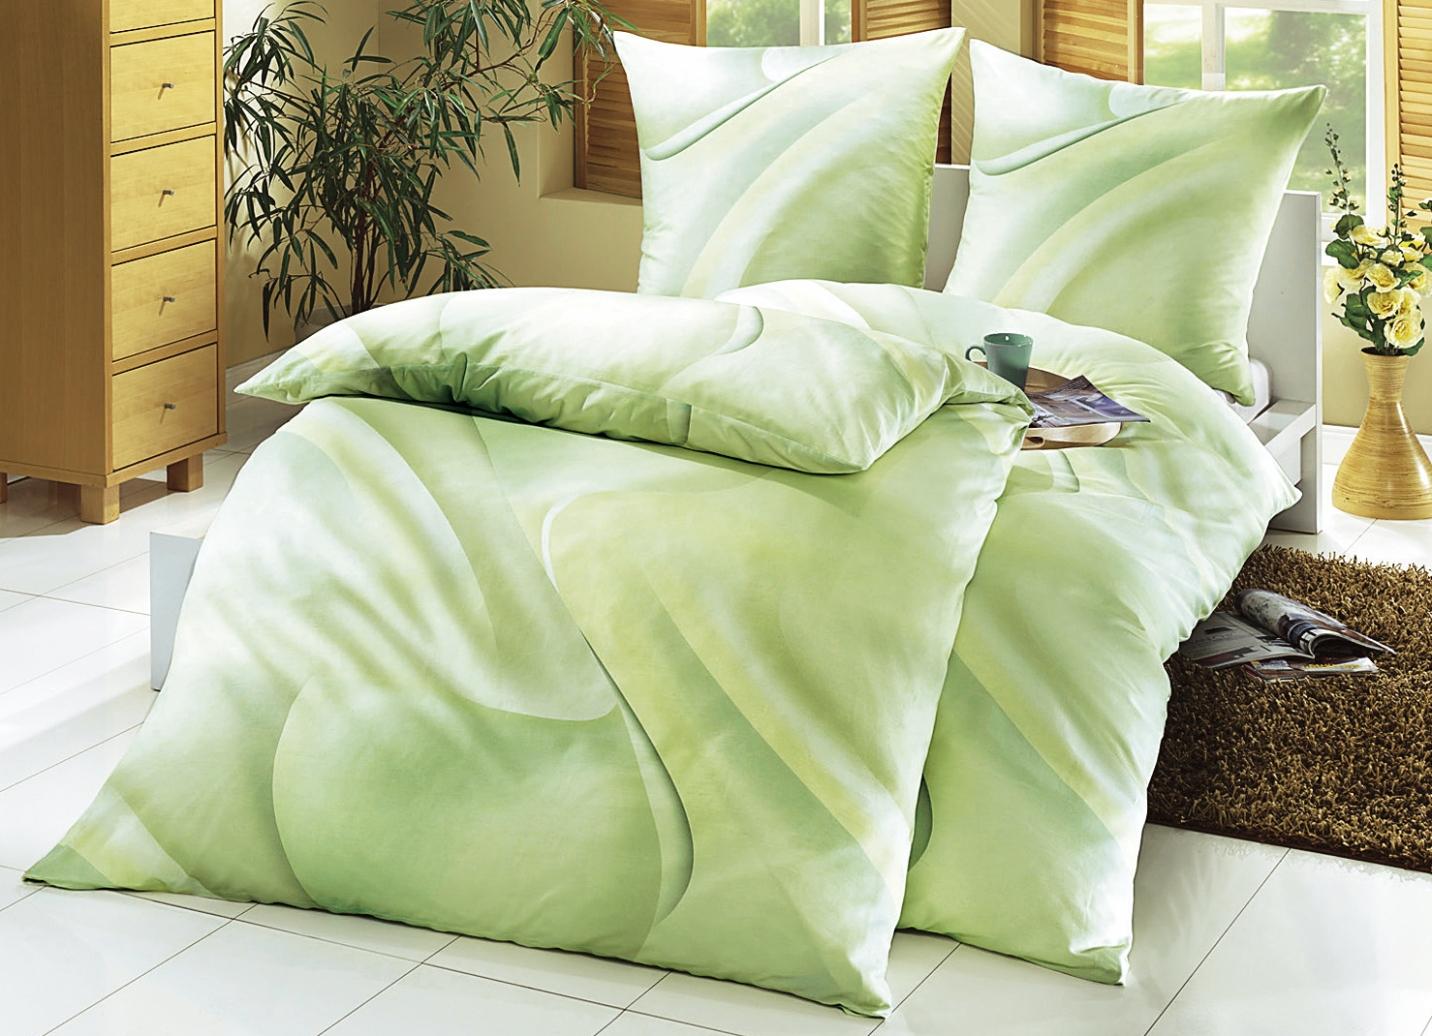 biberna bettw sche garnitur verschiedene farben. Black Bedroom Furniture Sets. Home Design Ideas